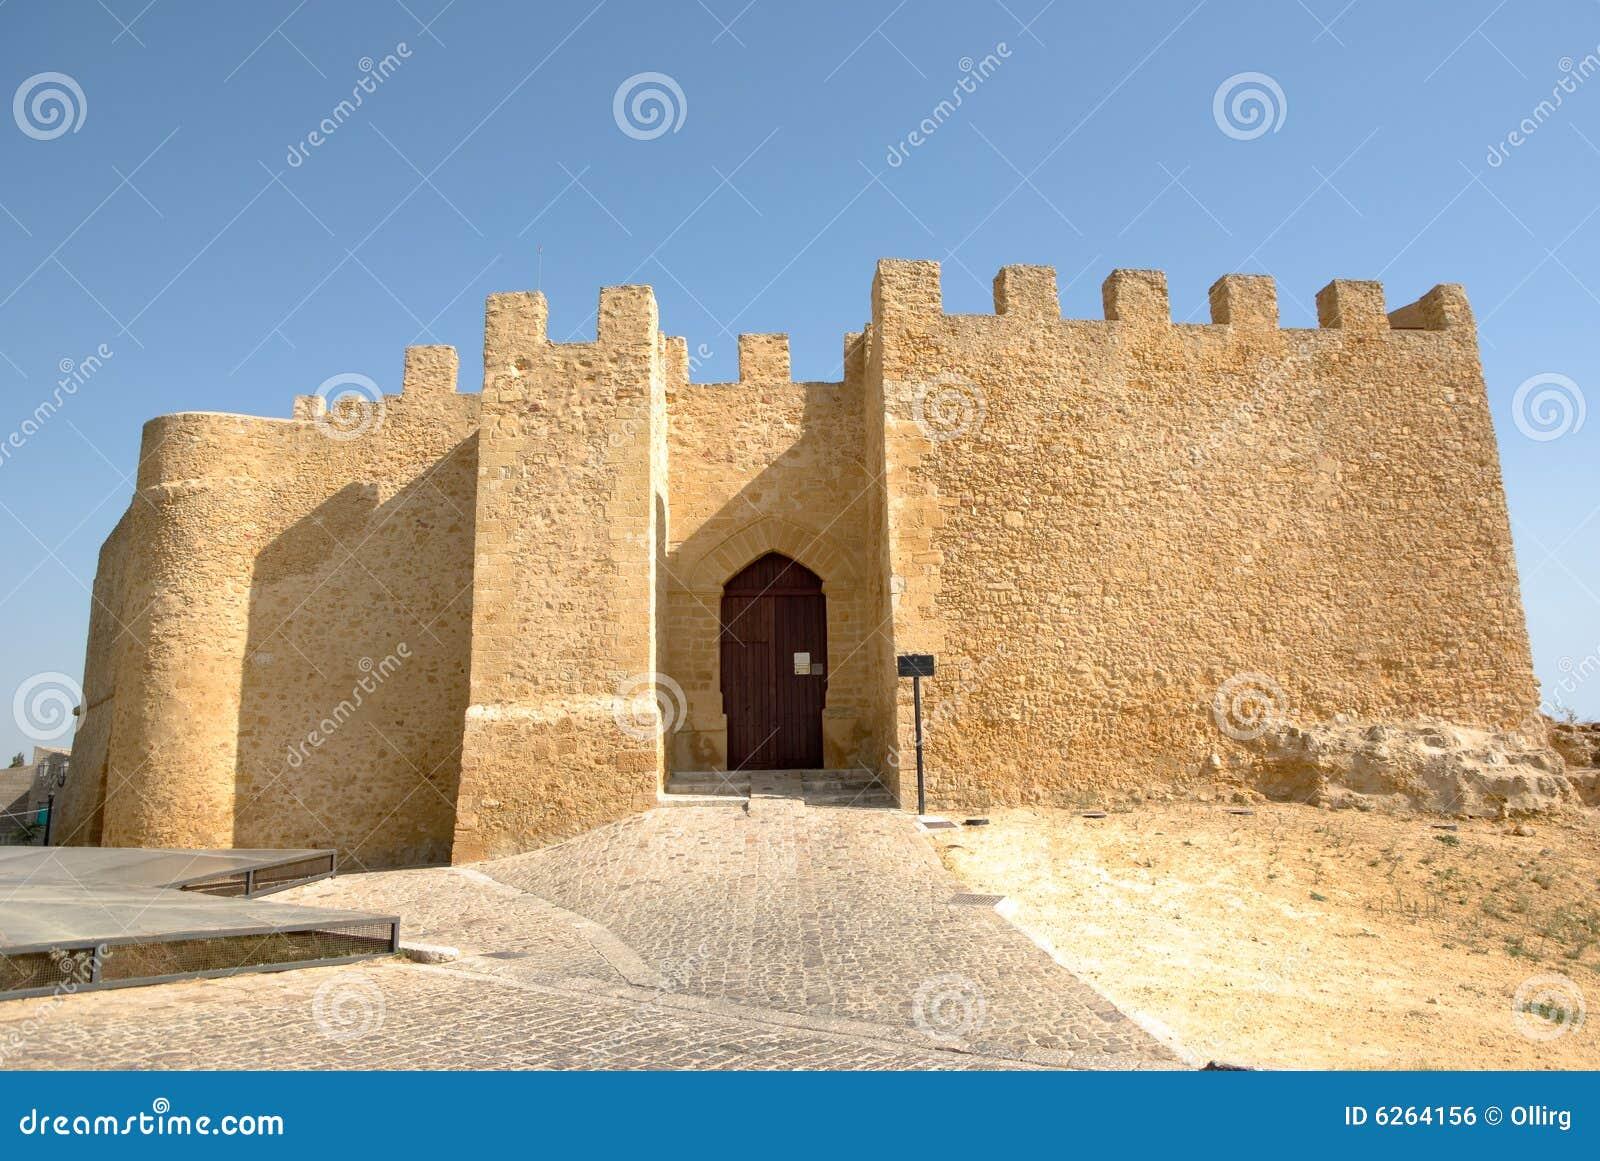 Kasteel van Chiaramonte in Sicilië